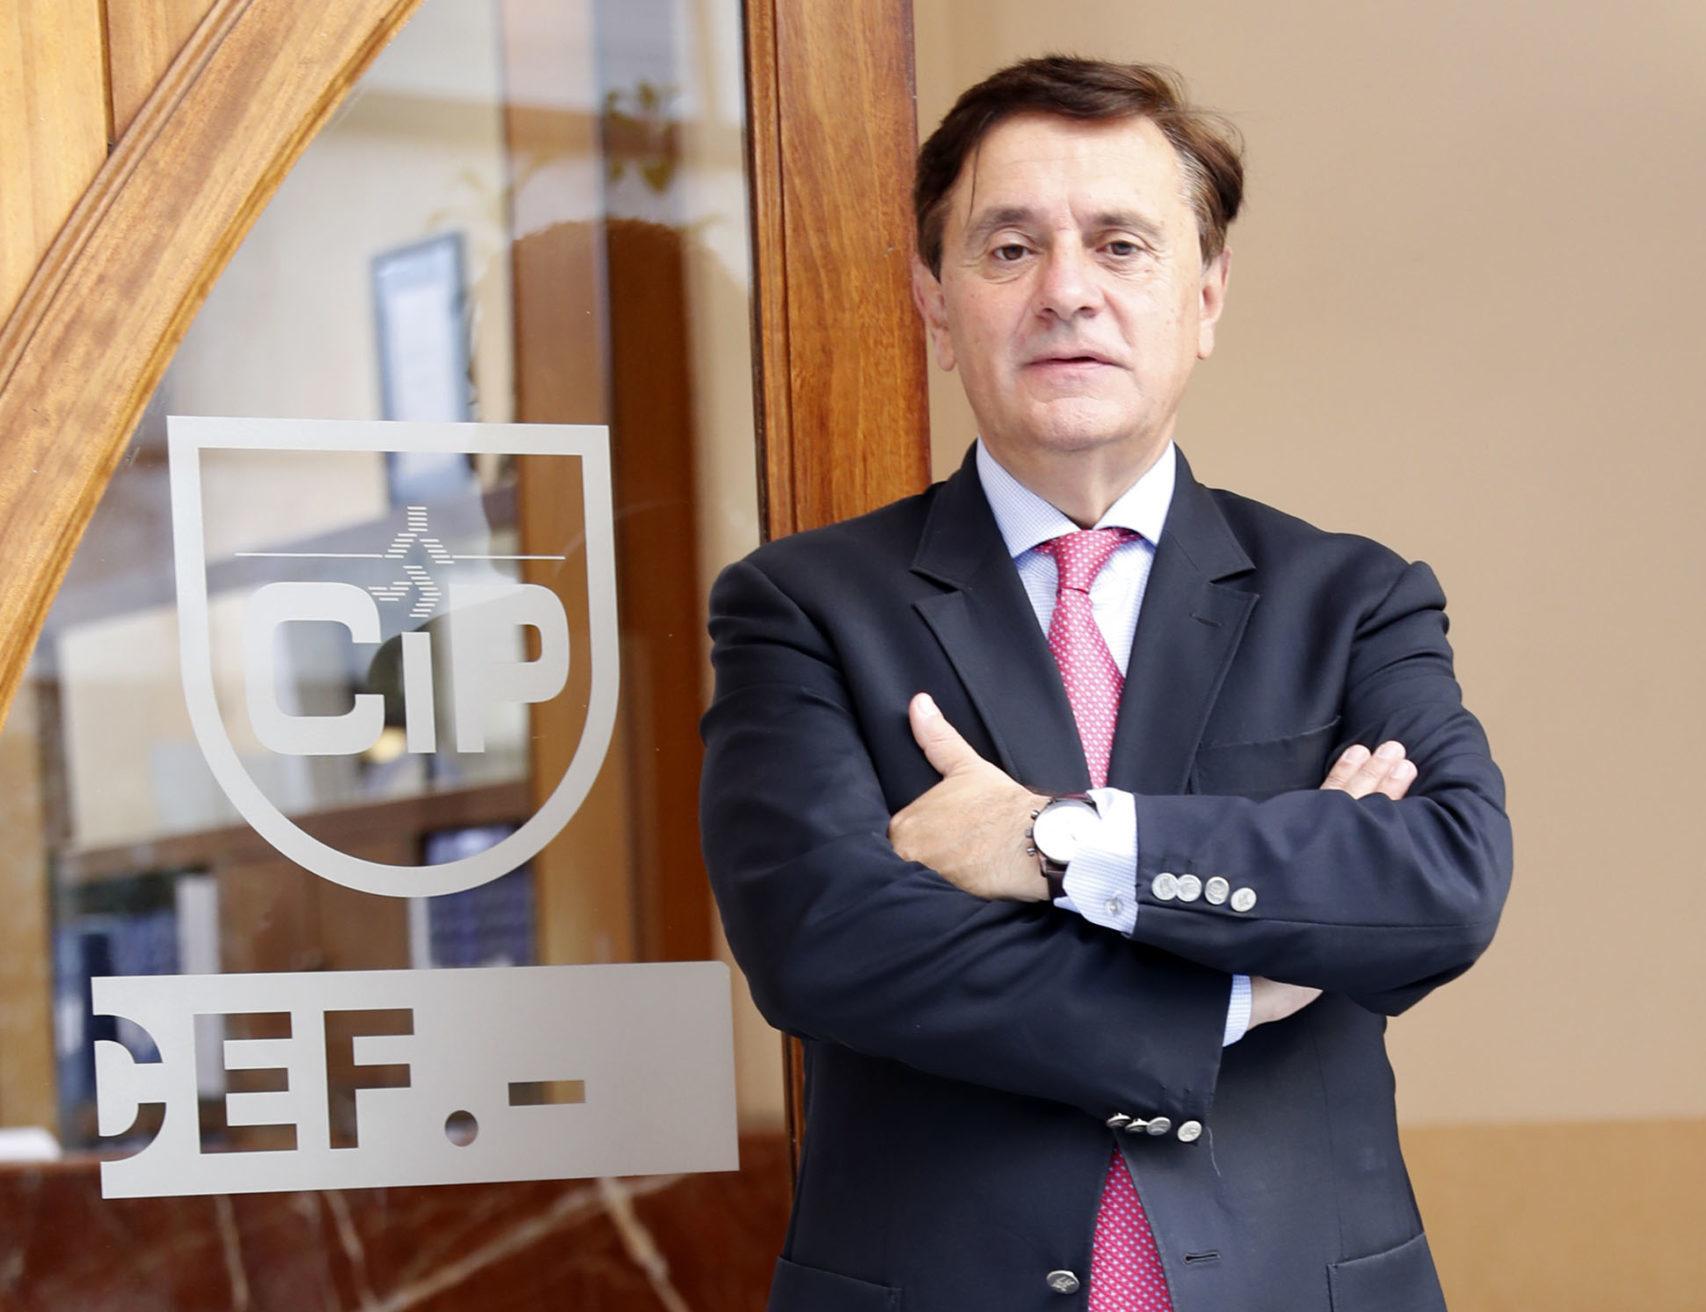 PEDRO REY DIRECTOR DE CIP Y CANDIDATO A LA CEG